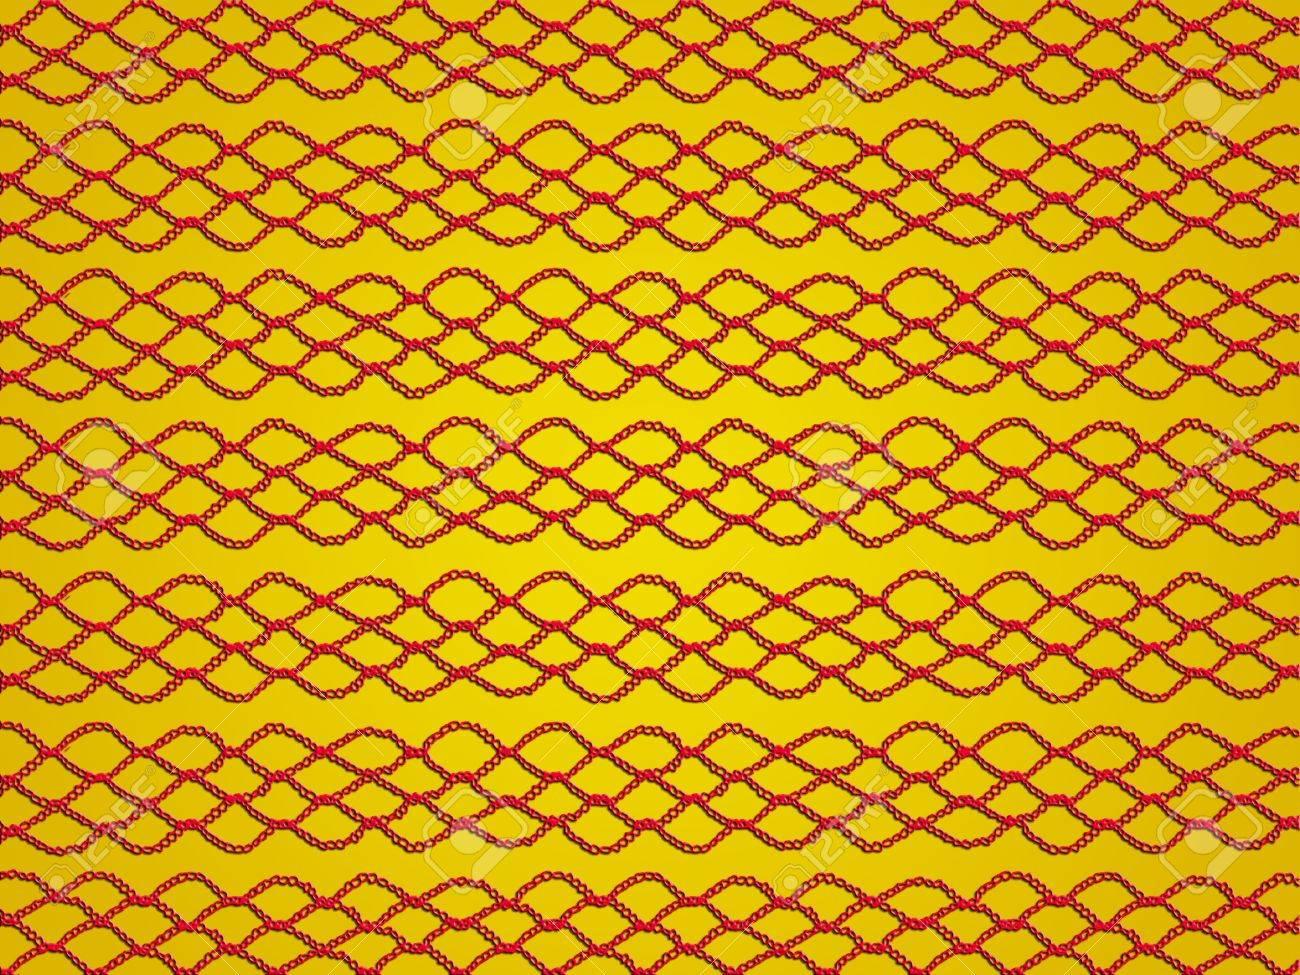 Einfache Rote Schnürsenkel Häkeln Muster Auf Goldgelben Hintergrund